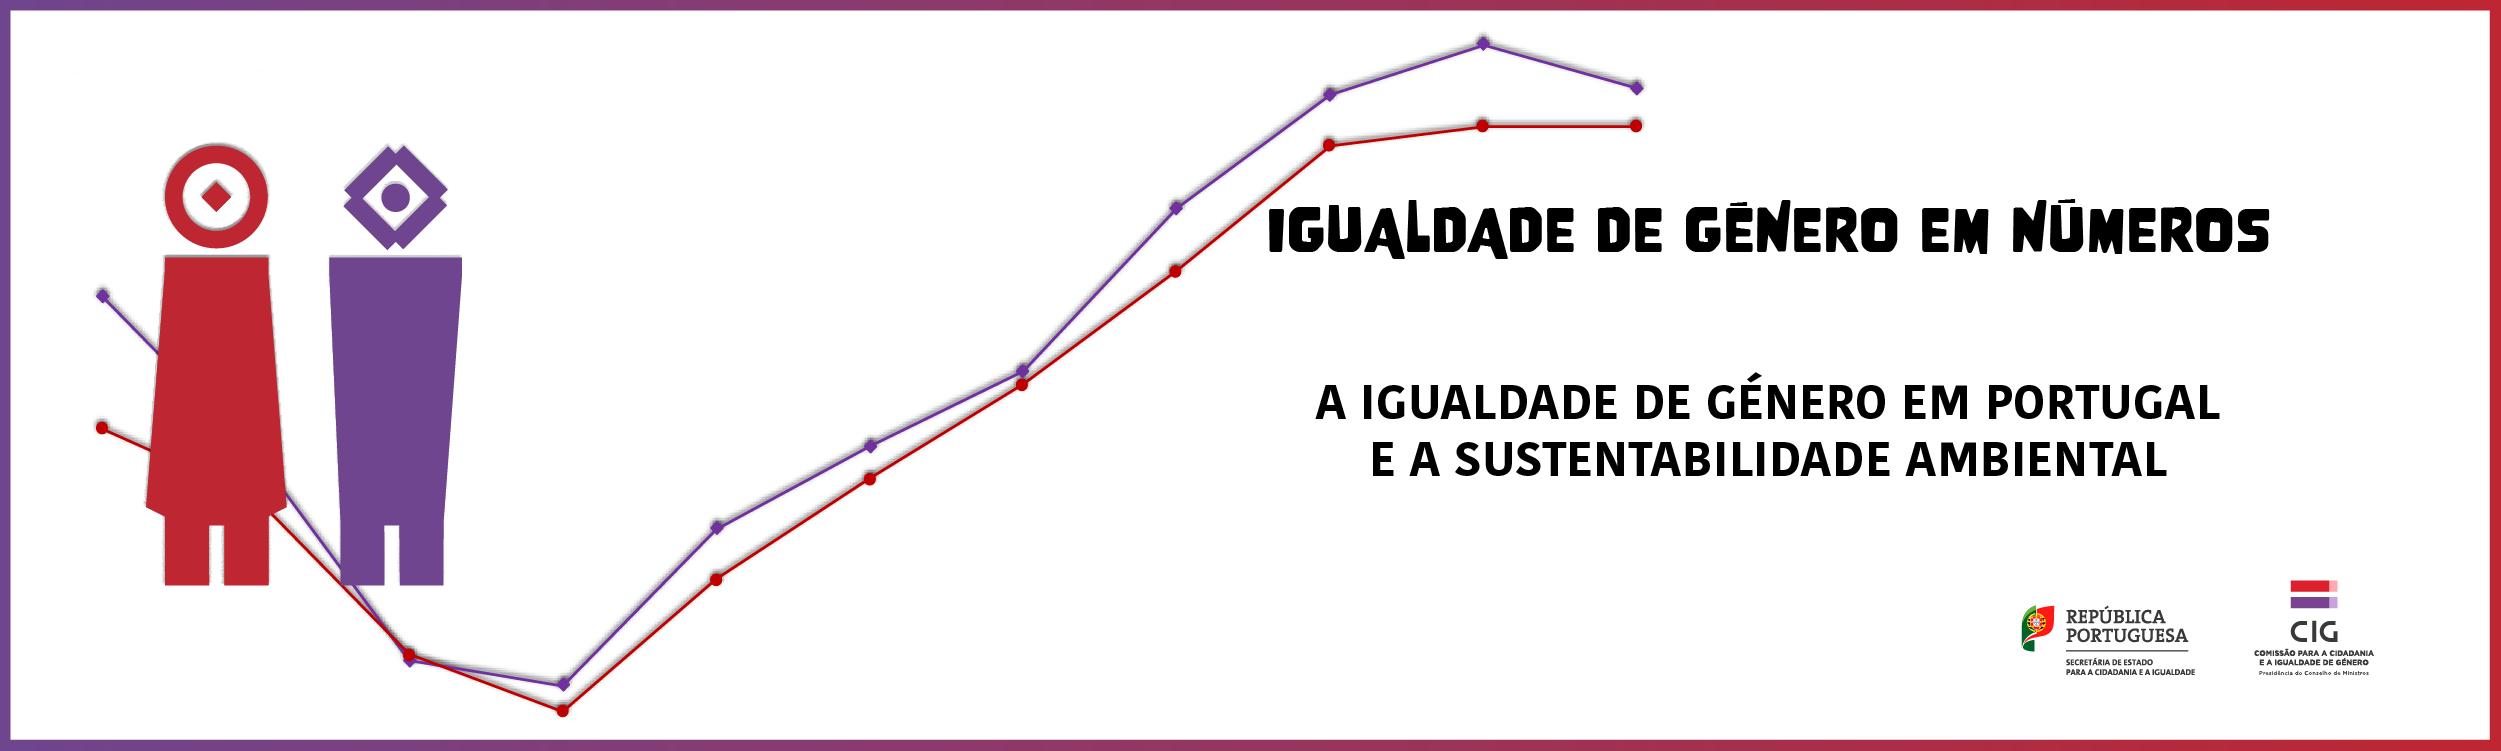 Ilustração representando uma mulher a vermelho e um homeme a roxo sobre um fundo branco e um gráfico ascendente. Título Igualdade de género em números - A igualdade de género em Portugal e a sustentabilidade ambiental.. Logótipos de Secretária de Estado para a Cidadania e a Igualdade e Comissõ para a Cidadania e a Igualdade de Género